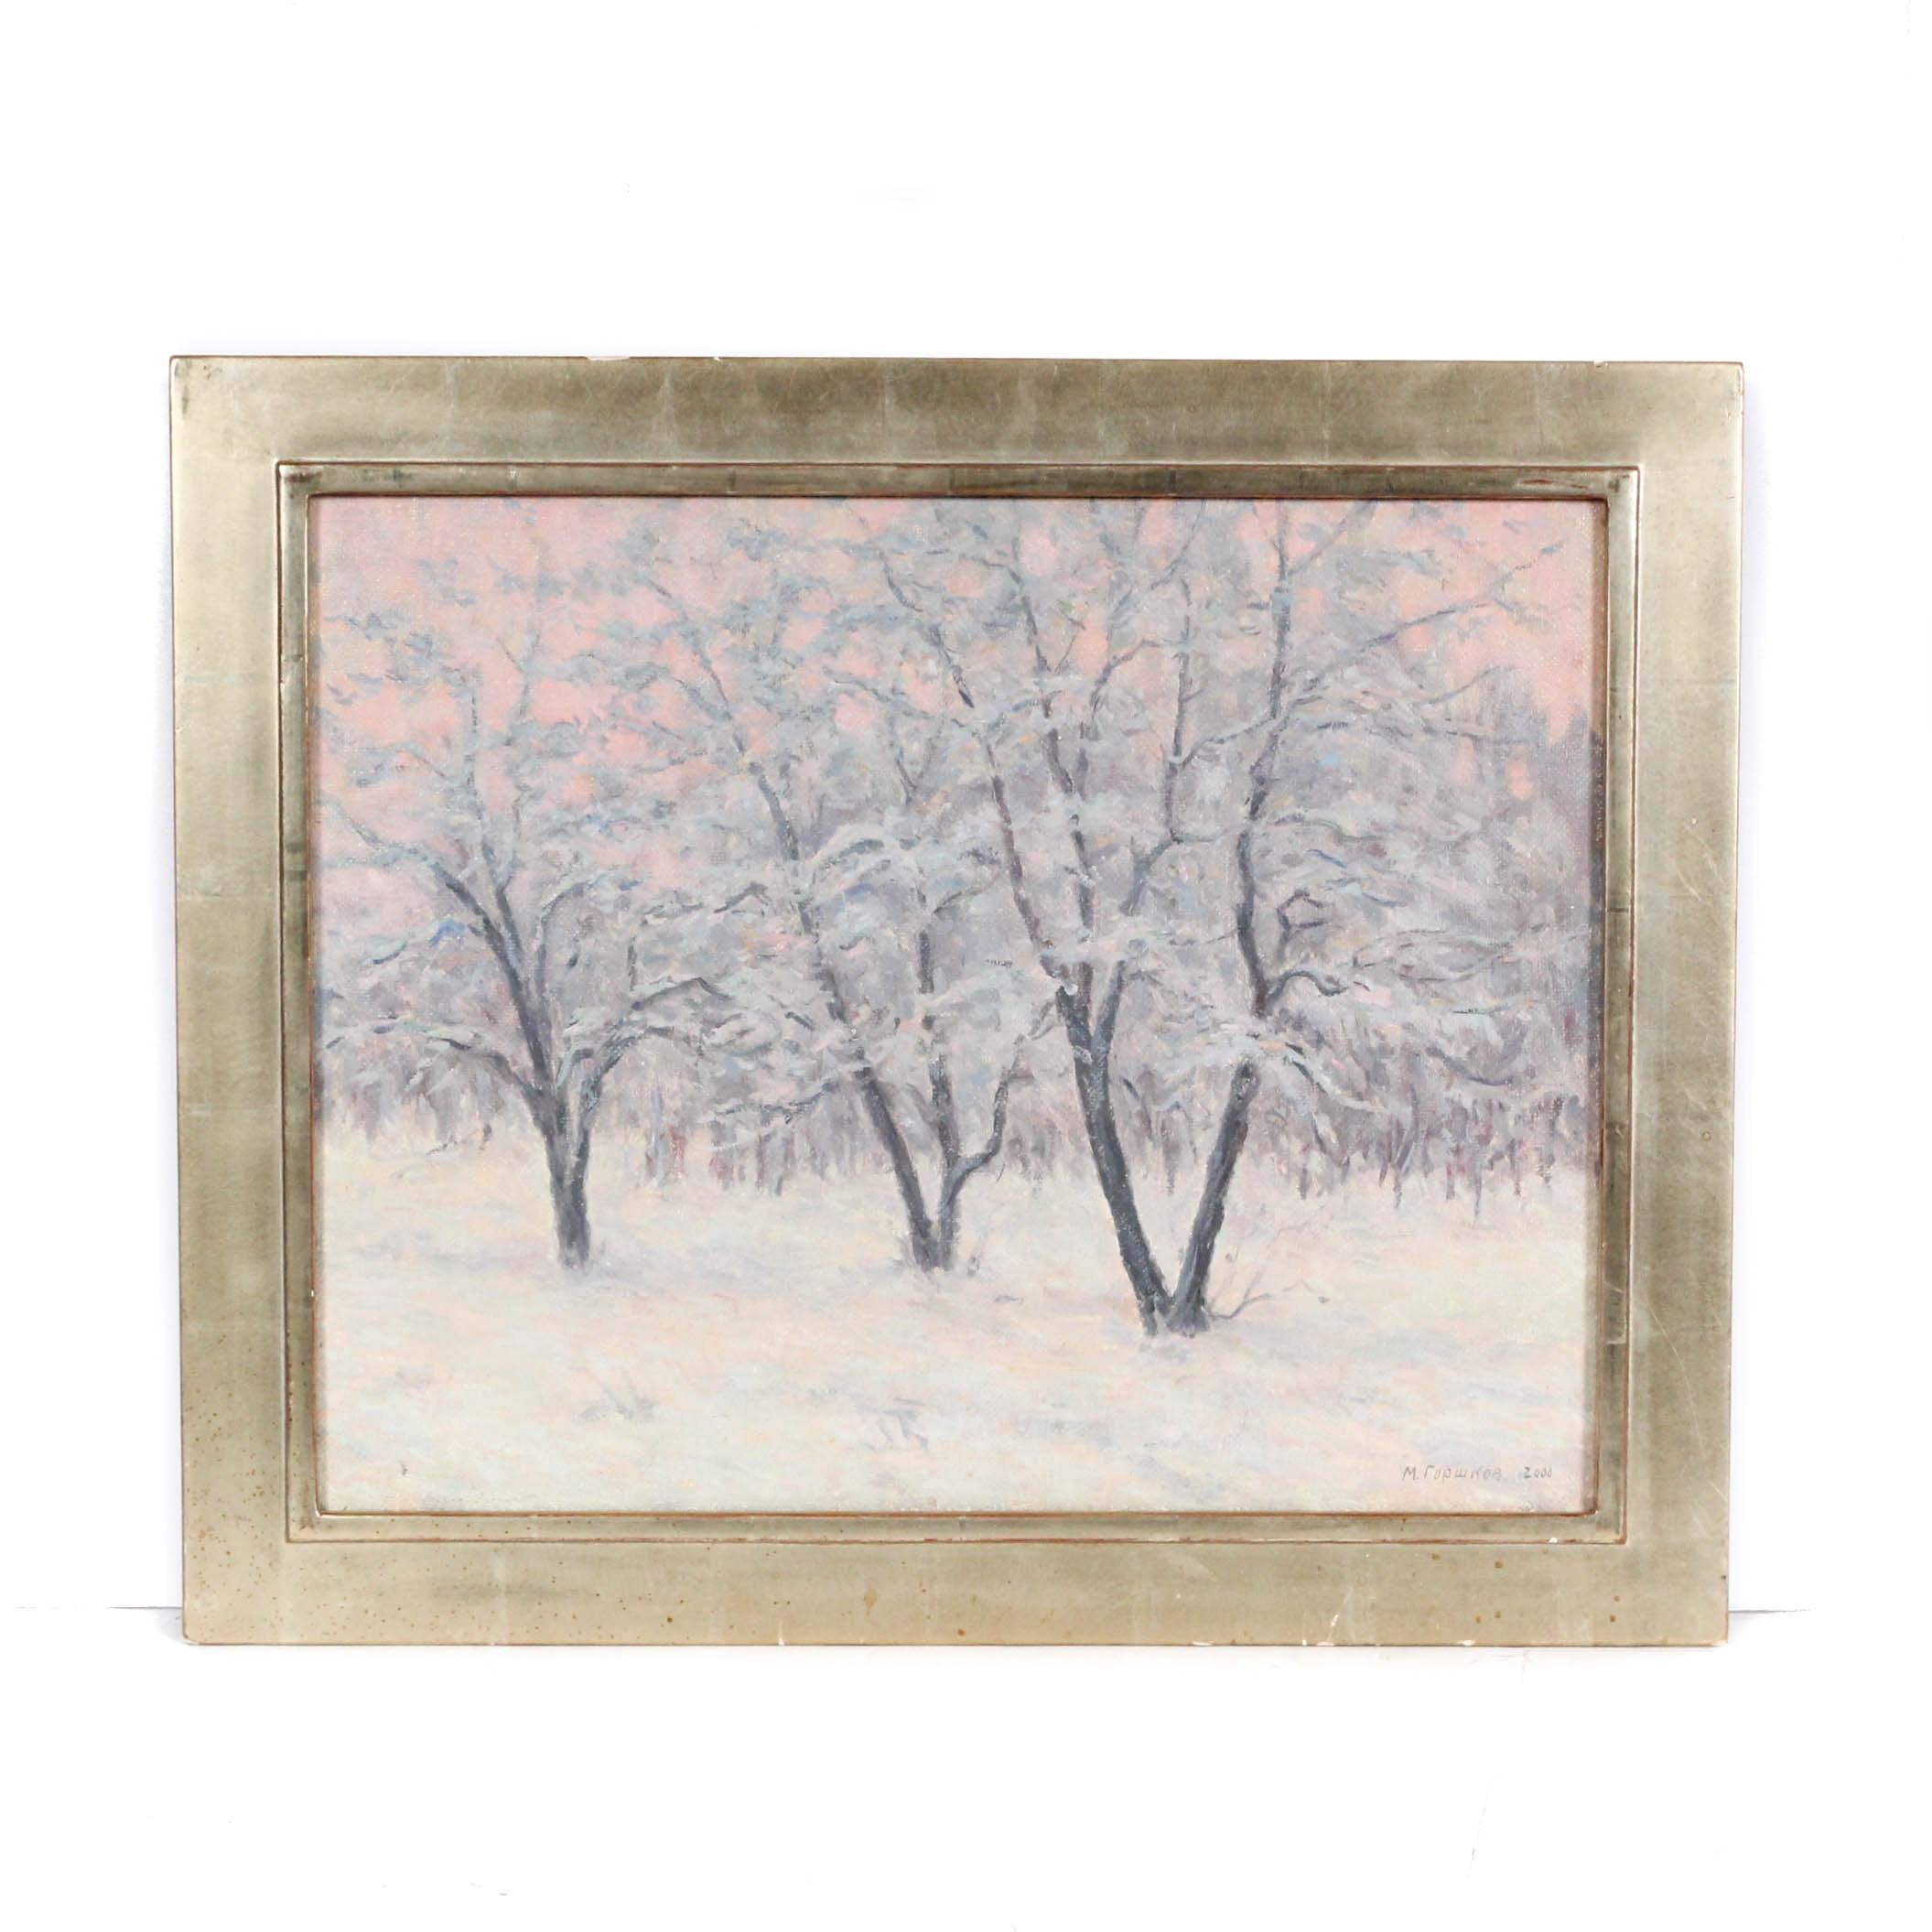 M. Gorshkov Landscape Oil Painting